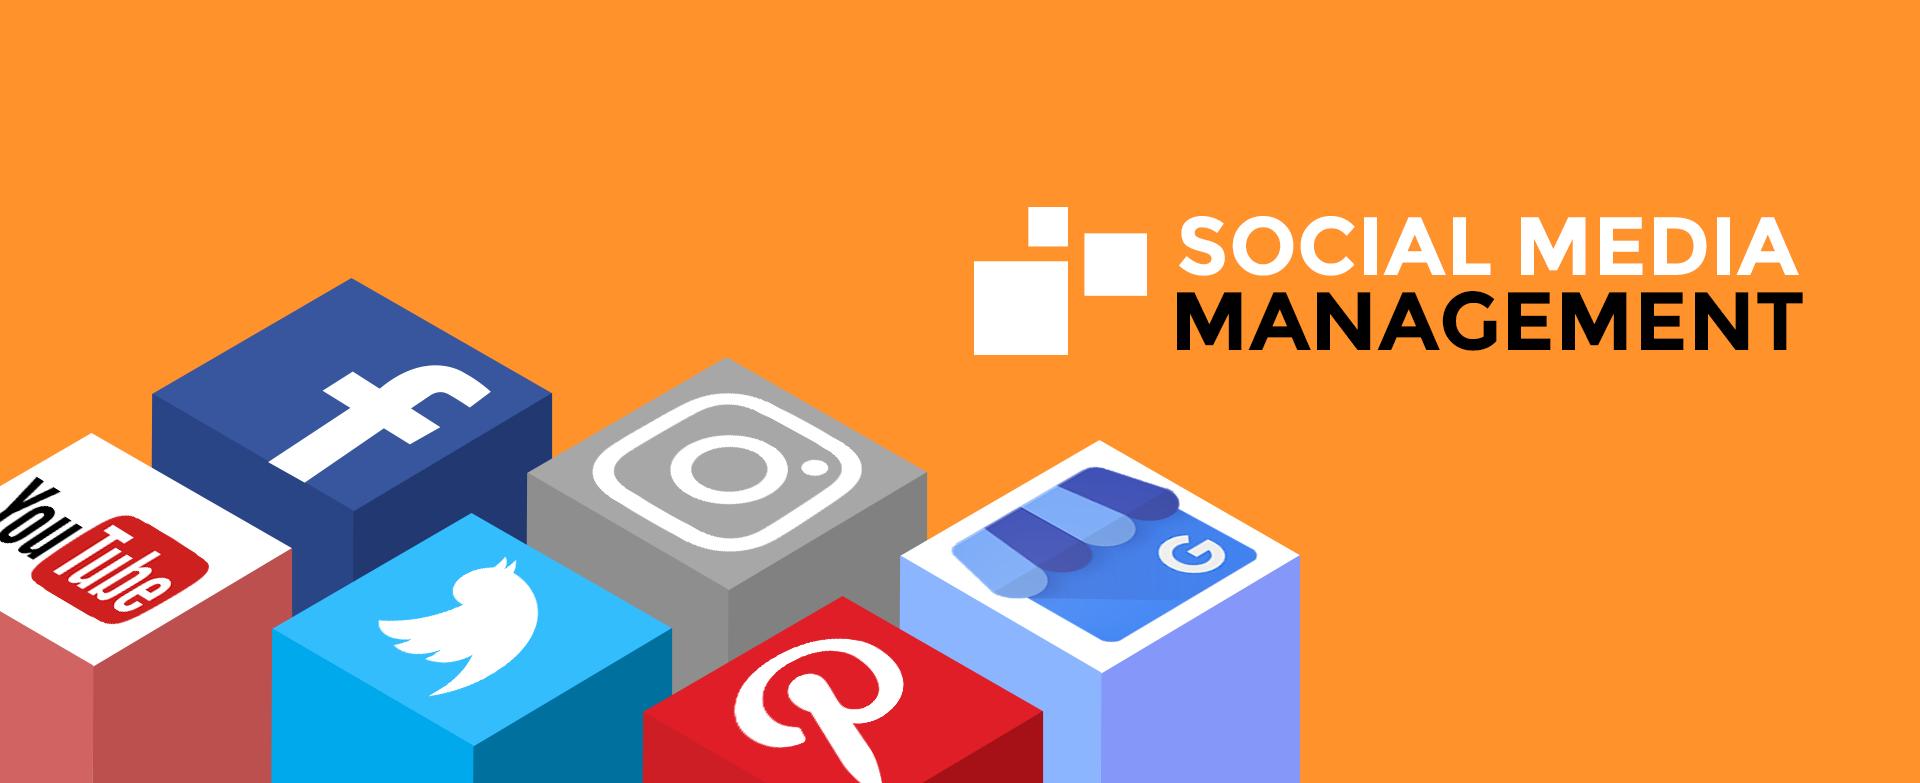 Top Tools For Social Media Management